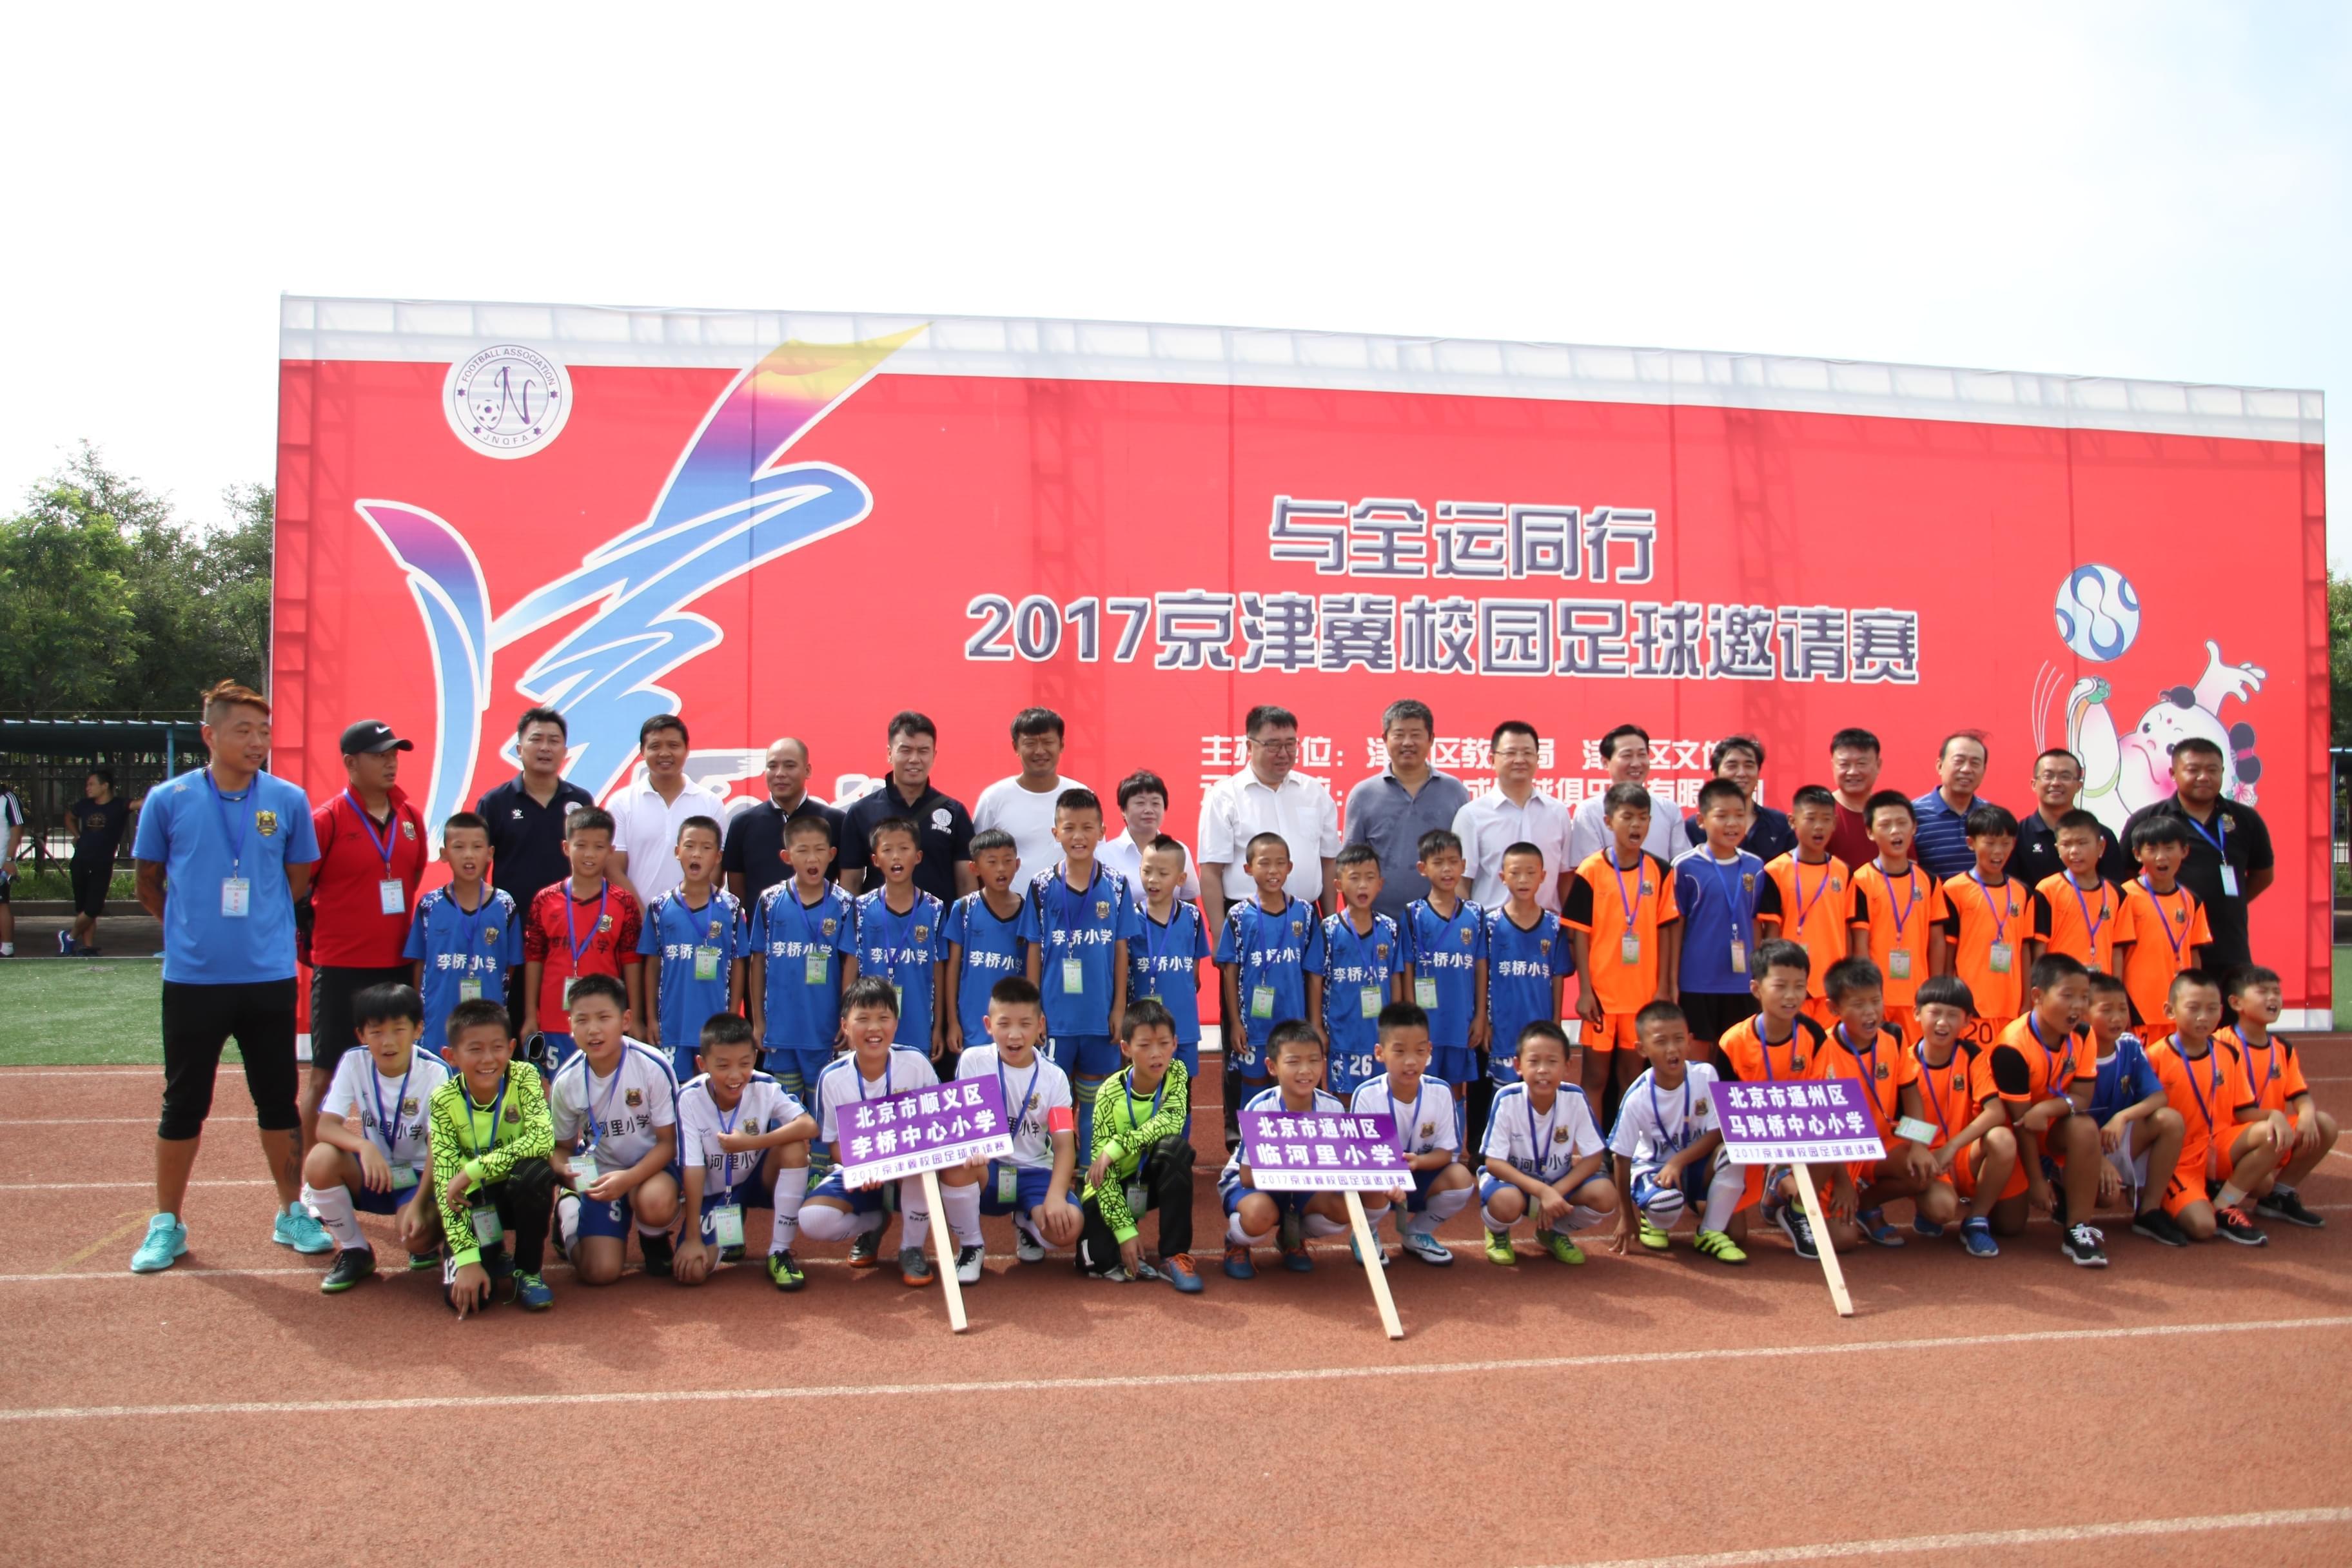 与全运同行2017京津冀校园足球邀请赛在津开